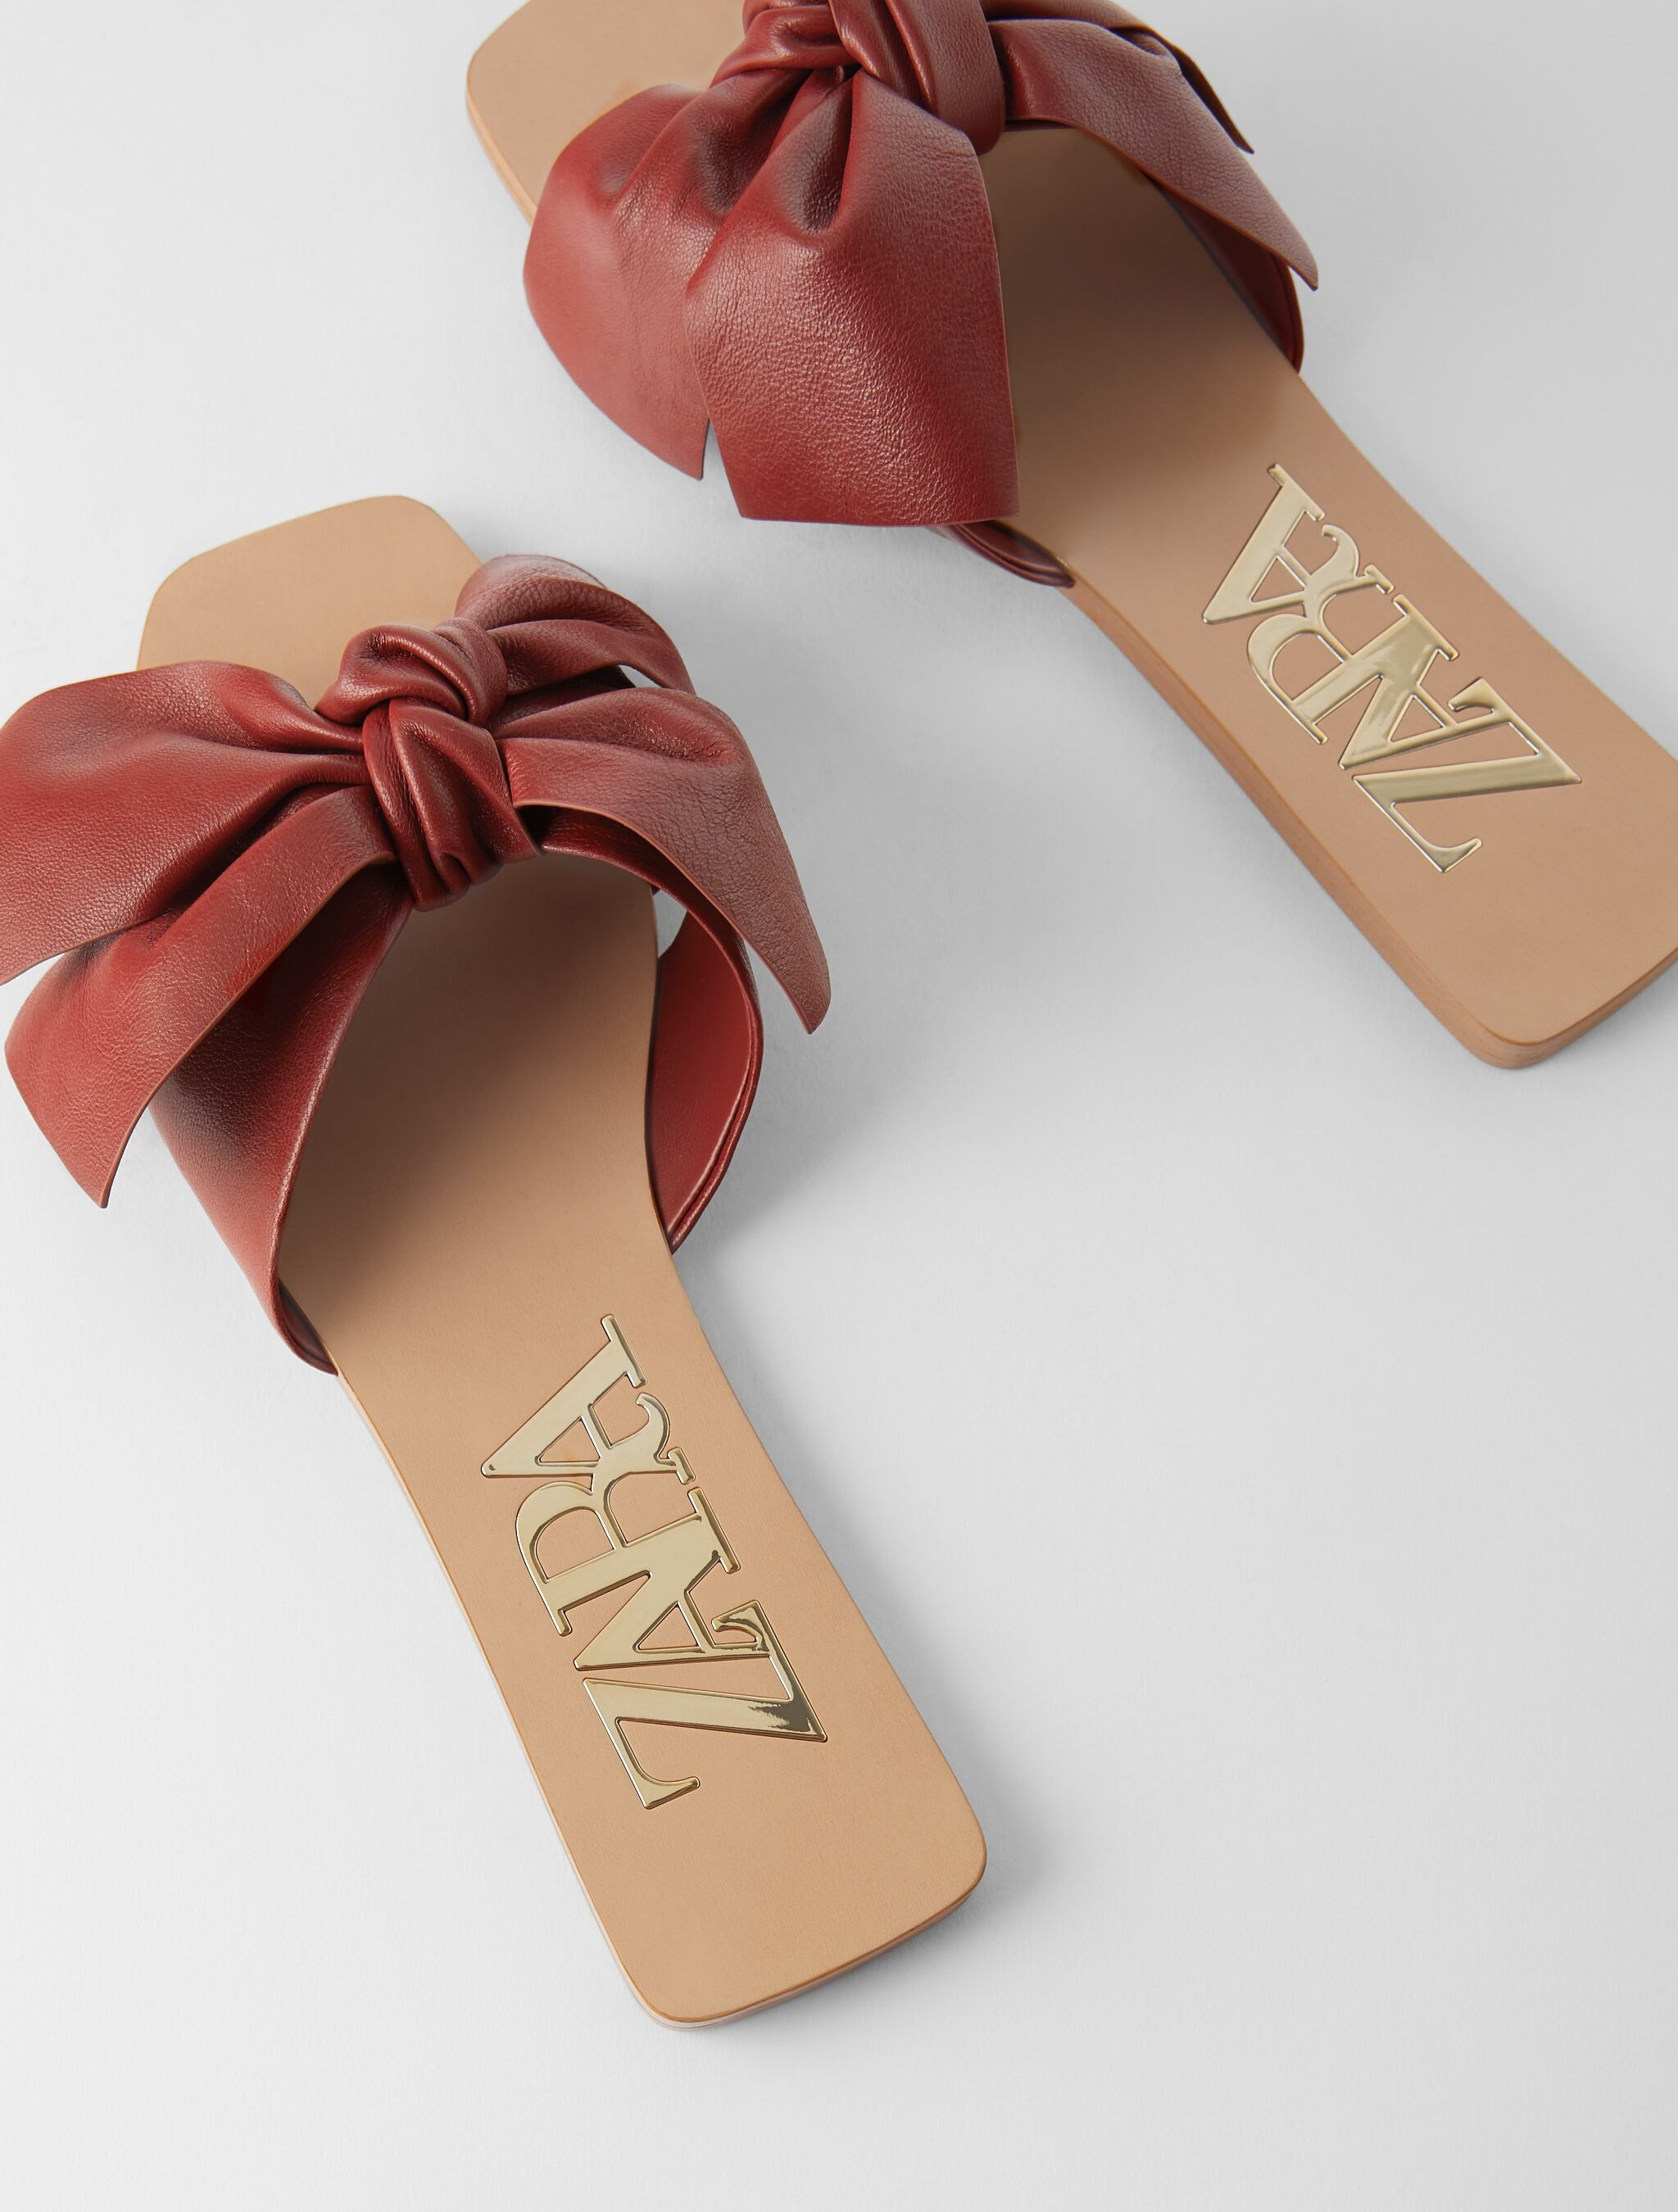 Zara Ima Najljepše Ravne Sandale Koje Će Upotpuniti Svaki